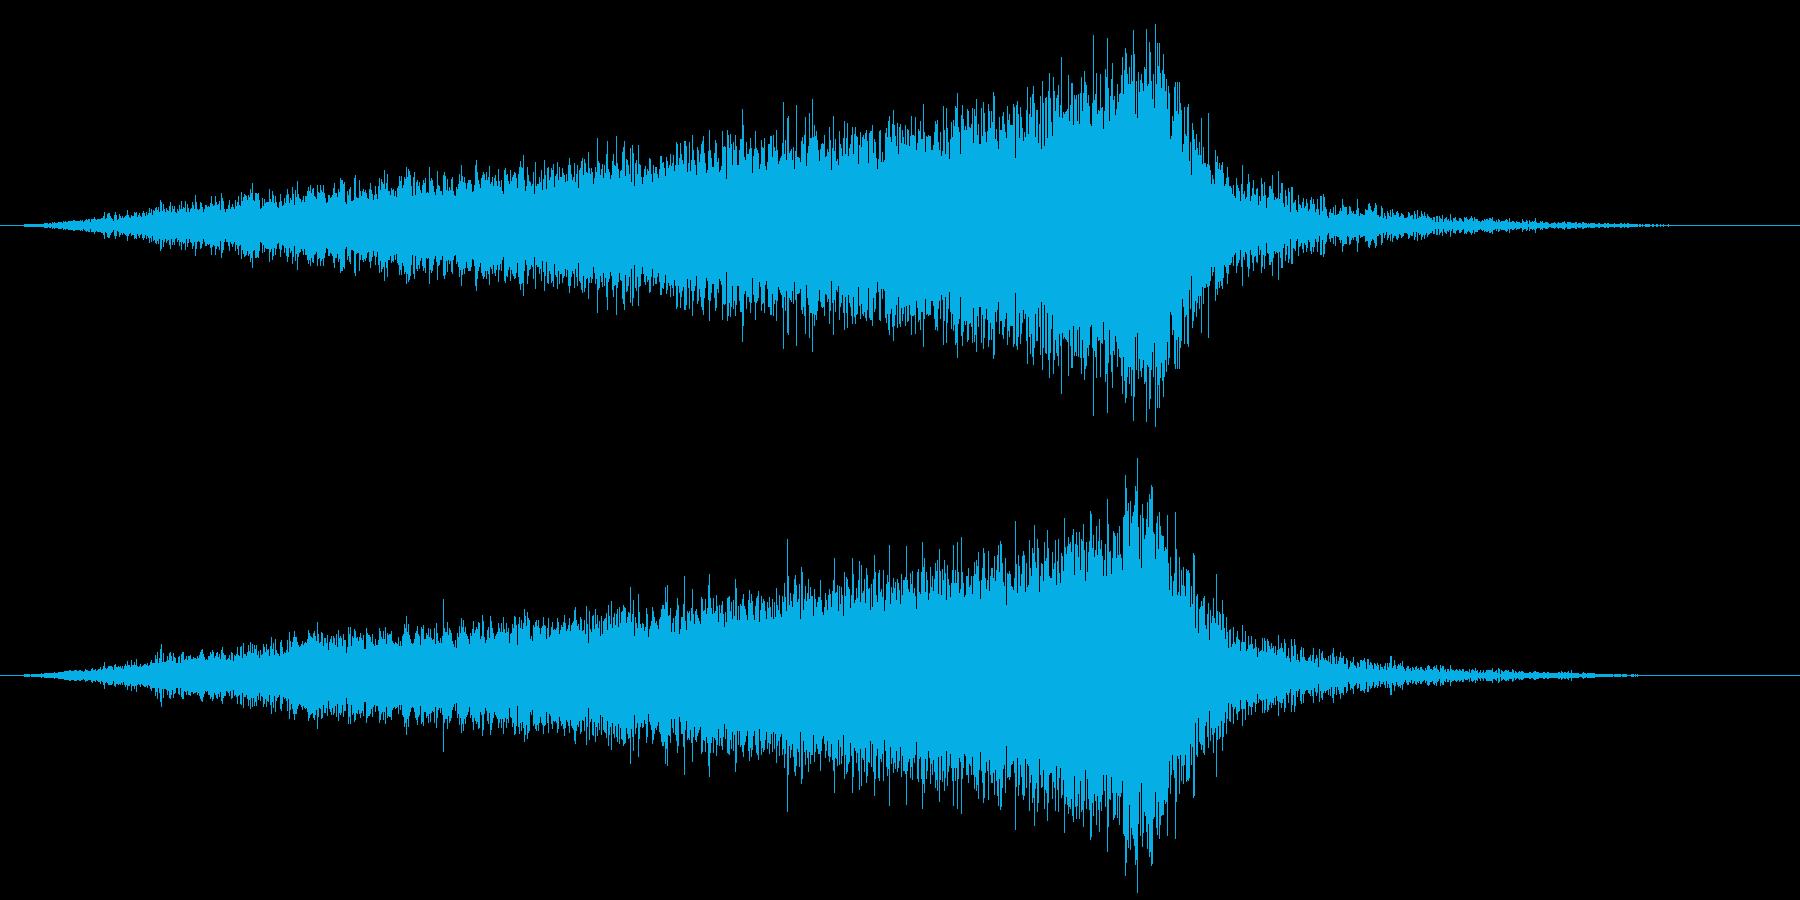 【ライザー】06 SFサウンド 宇宙の再生済みの波形